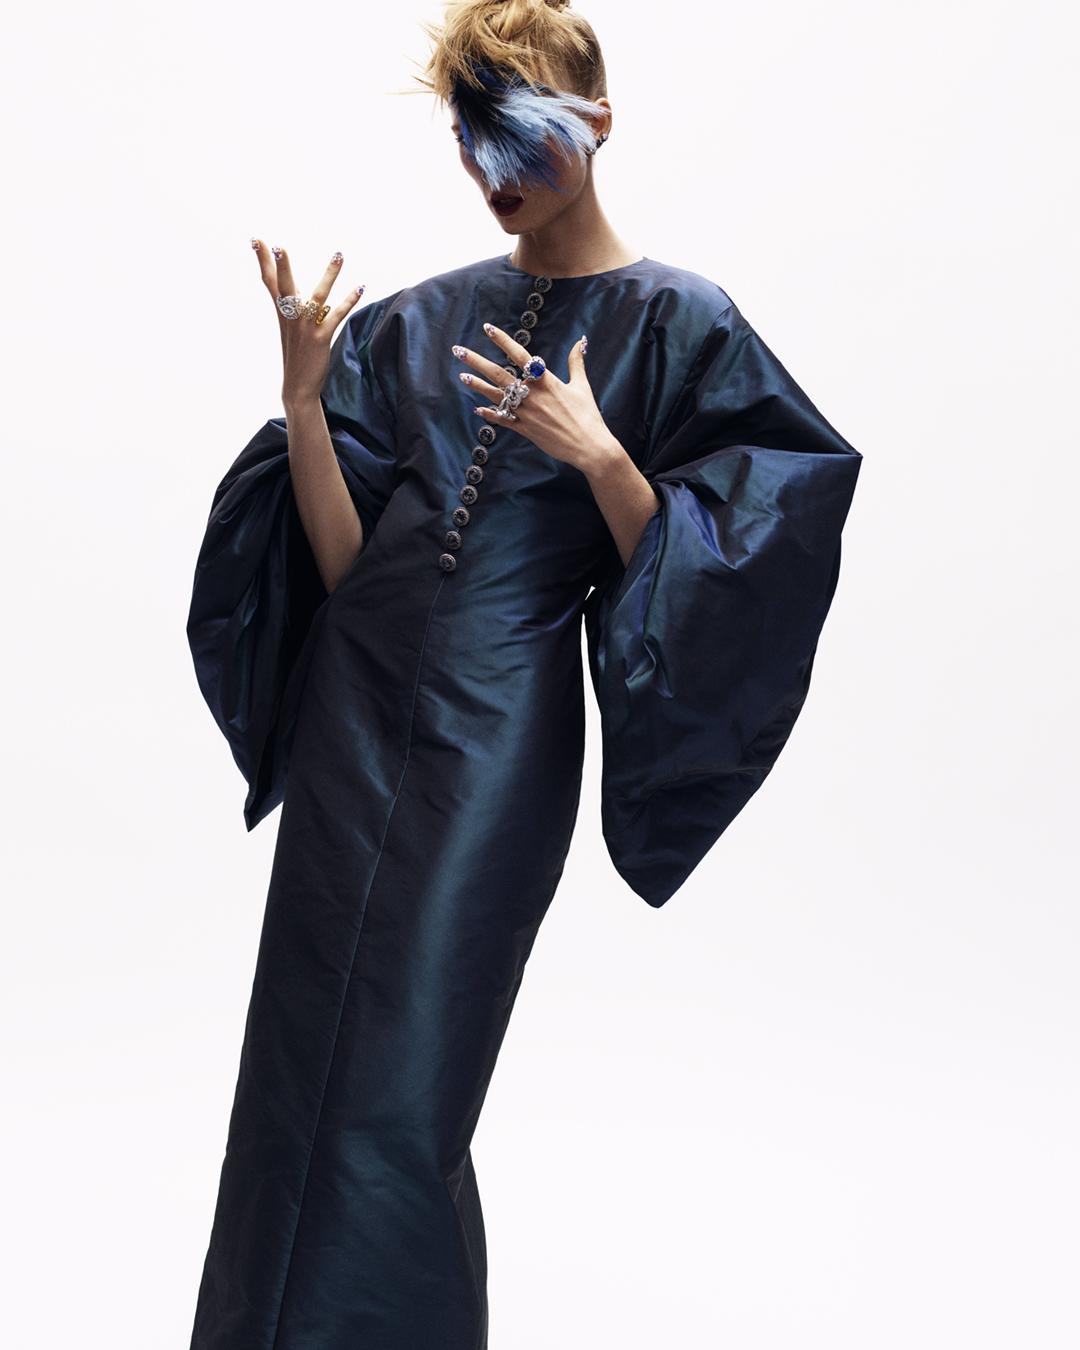 chanel haute couture 20/21 viriginie viard karl lagerfeld